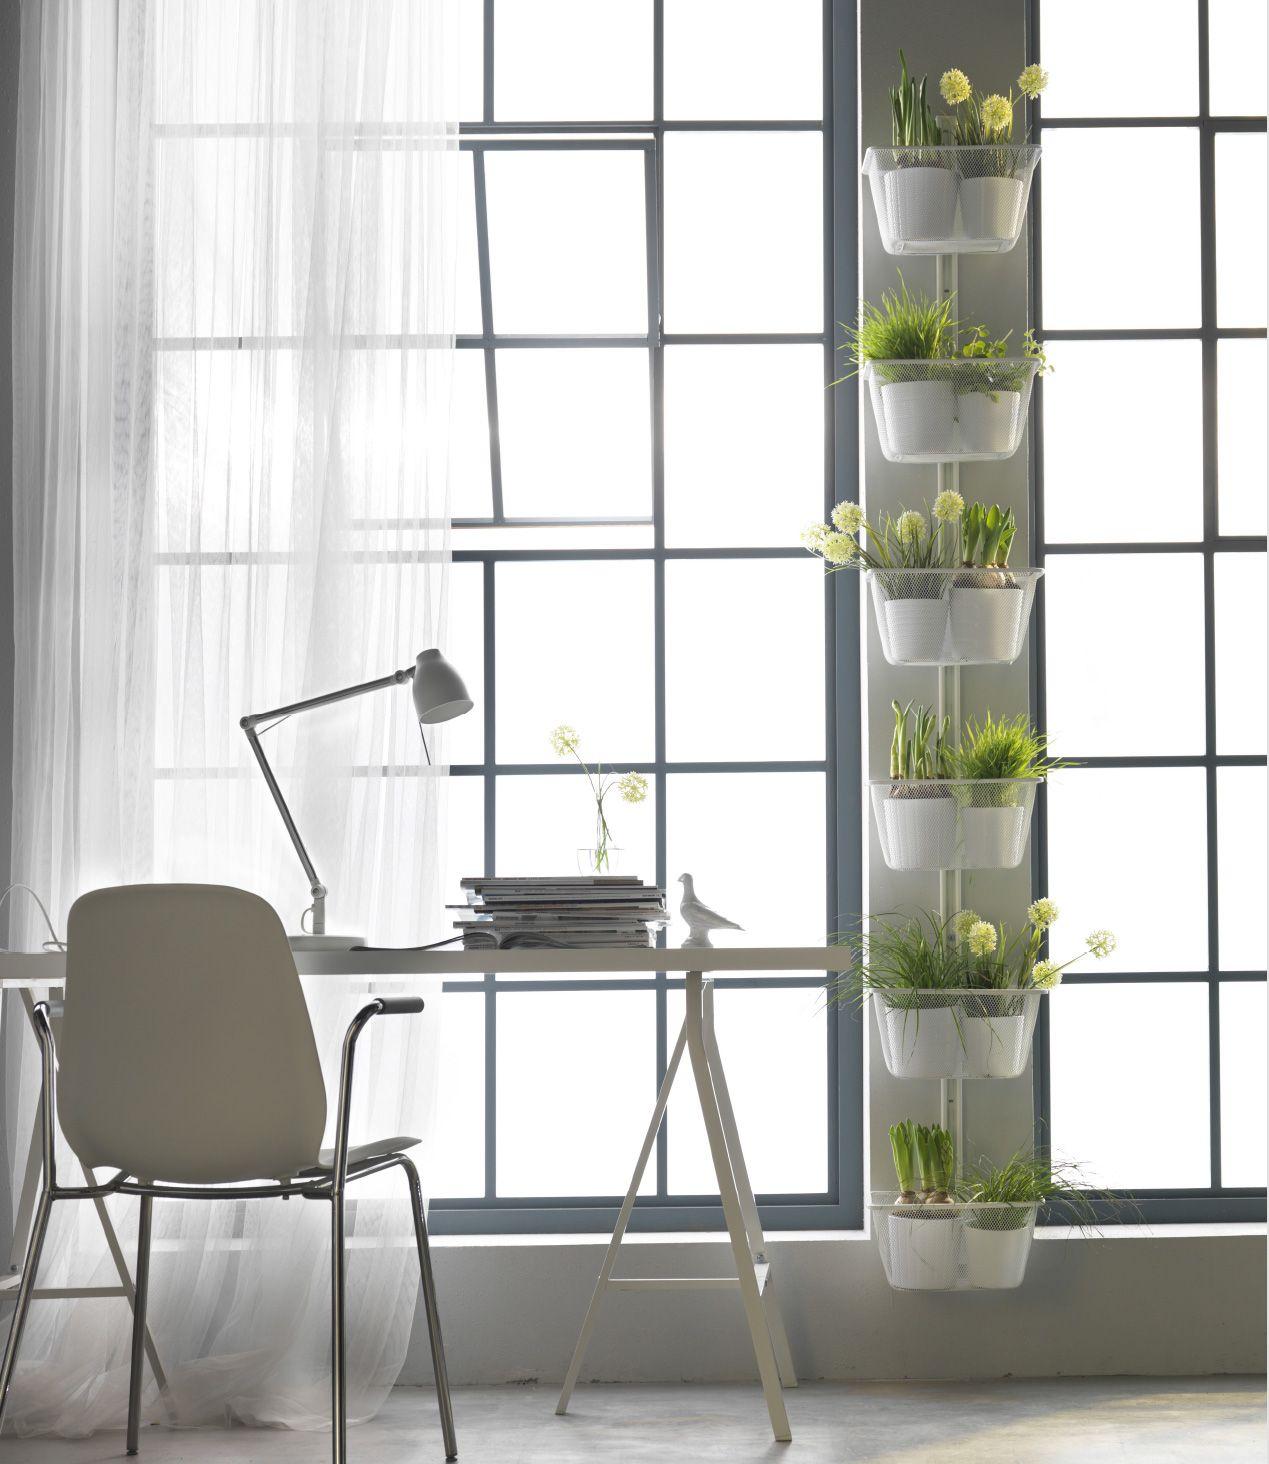 faites vivre vos murs avec des jardins suspendus ikeahome ikeafrance ikea deco decoration. Black Bedroom Furniture Sets. Home Design Ideas